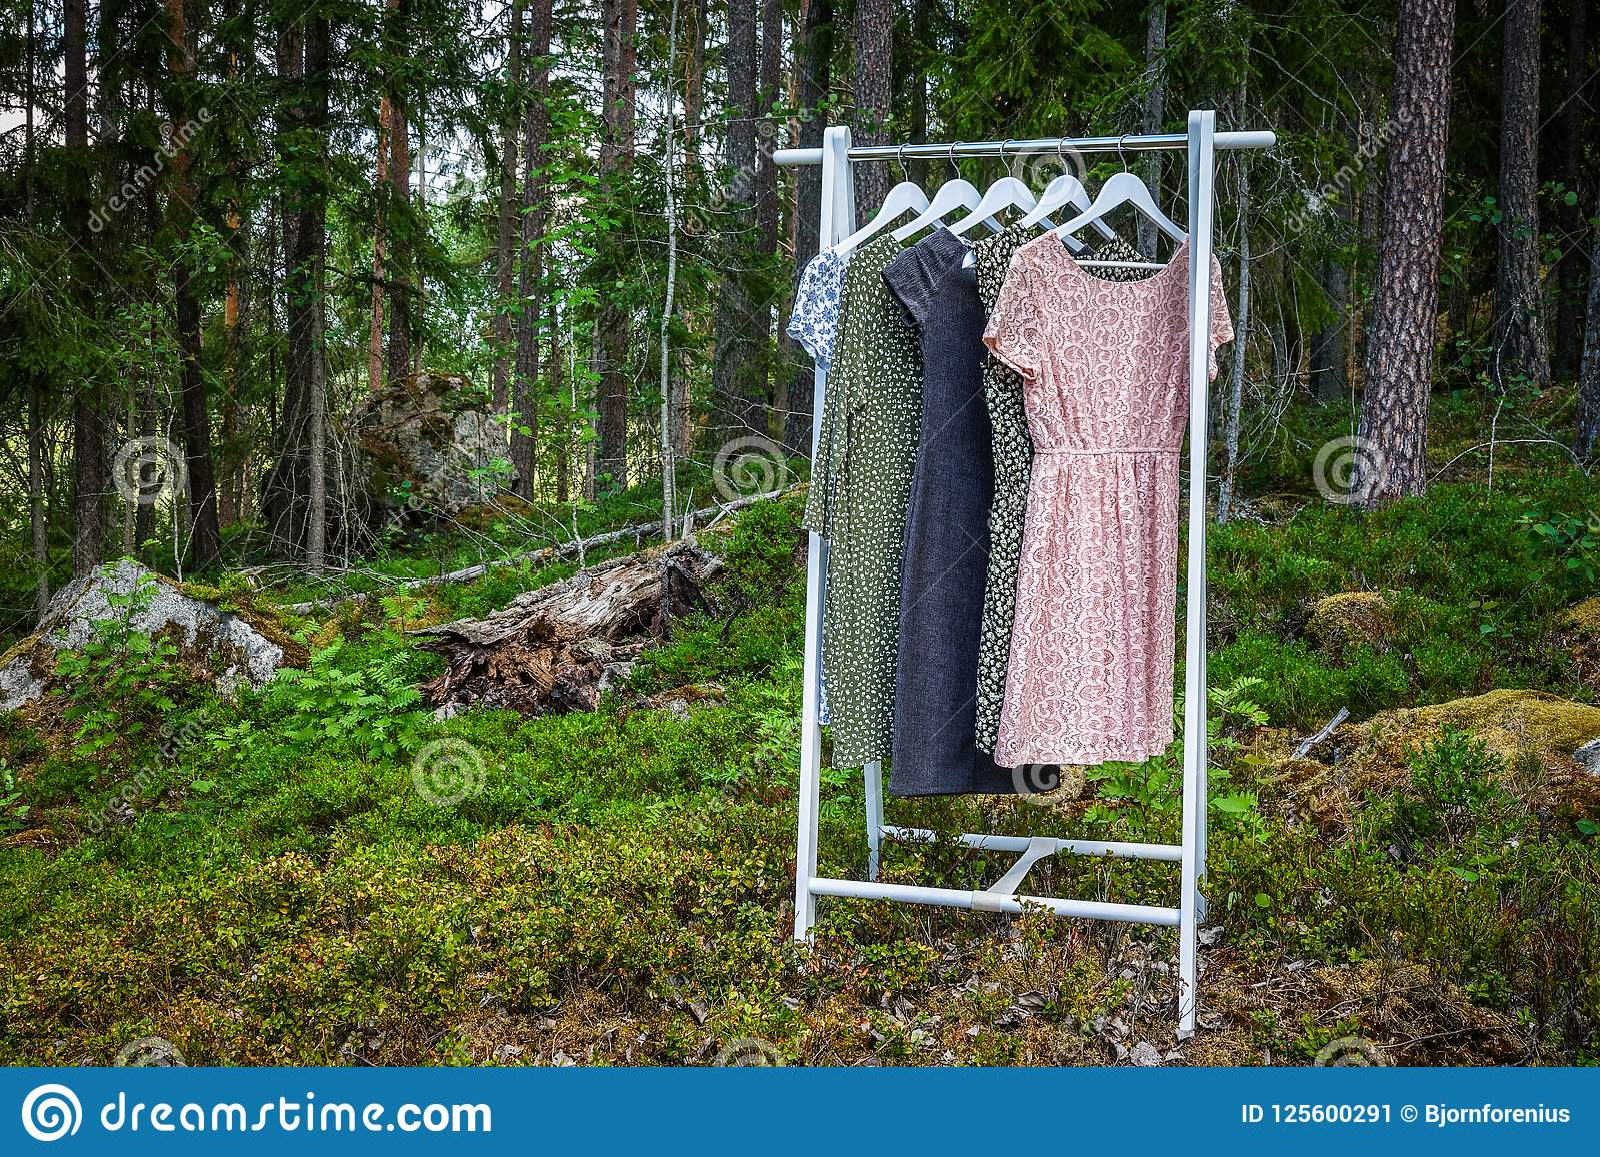 Suspensión de ropa con los vestidos en el bosque